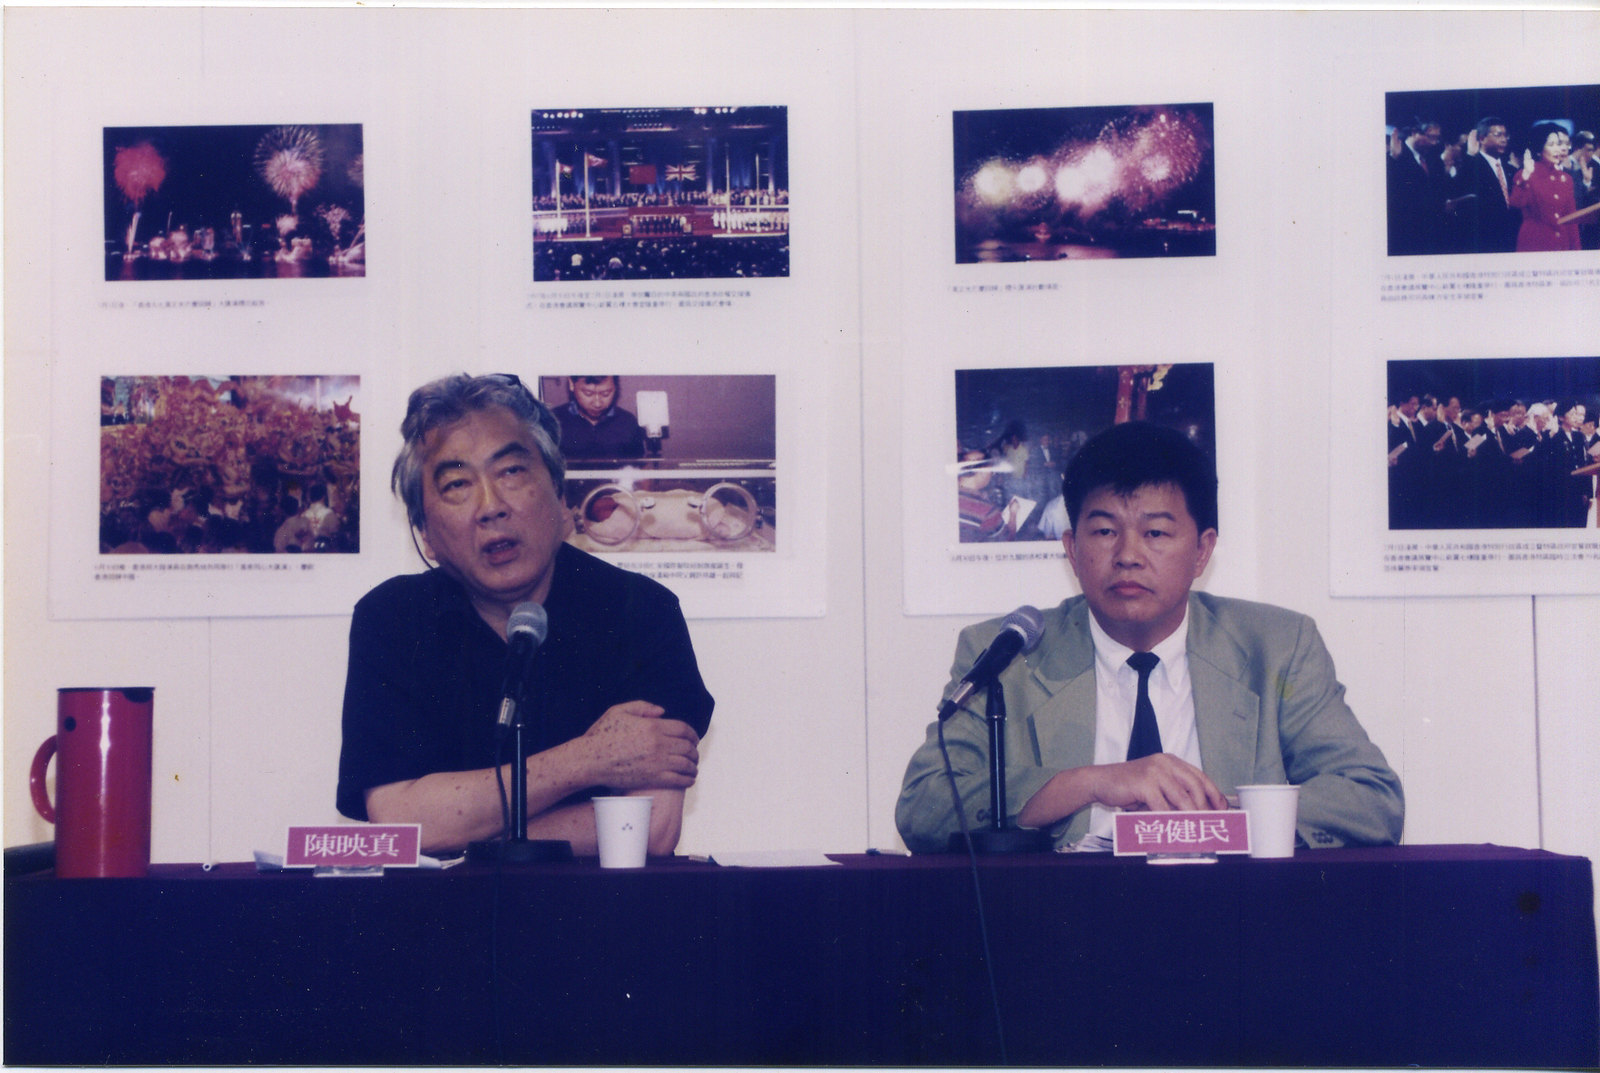 1997香港回歸當年,人間出版社和台灣社會科學研究會合辦了「香港155年歷史照片展」,圖左為陳映真,右為曾健民。(照片提供:曾醫師追思紀念會籌備組)